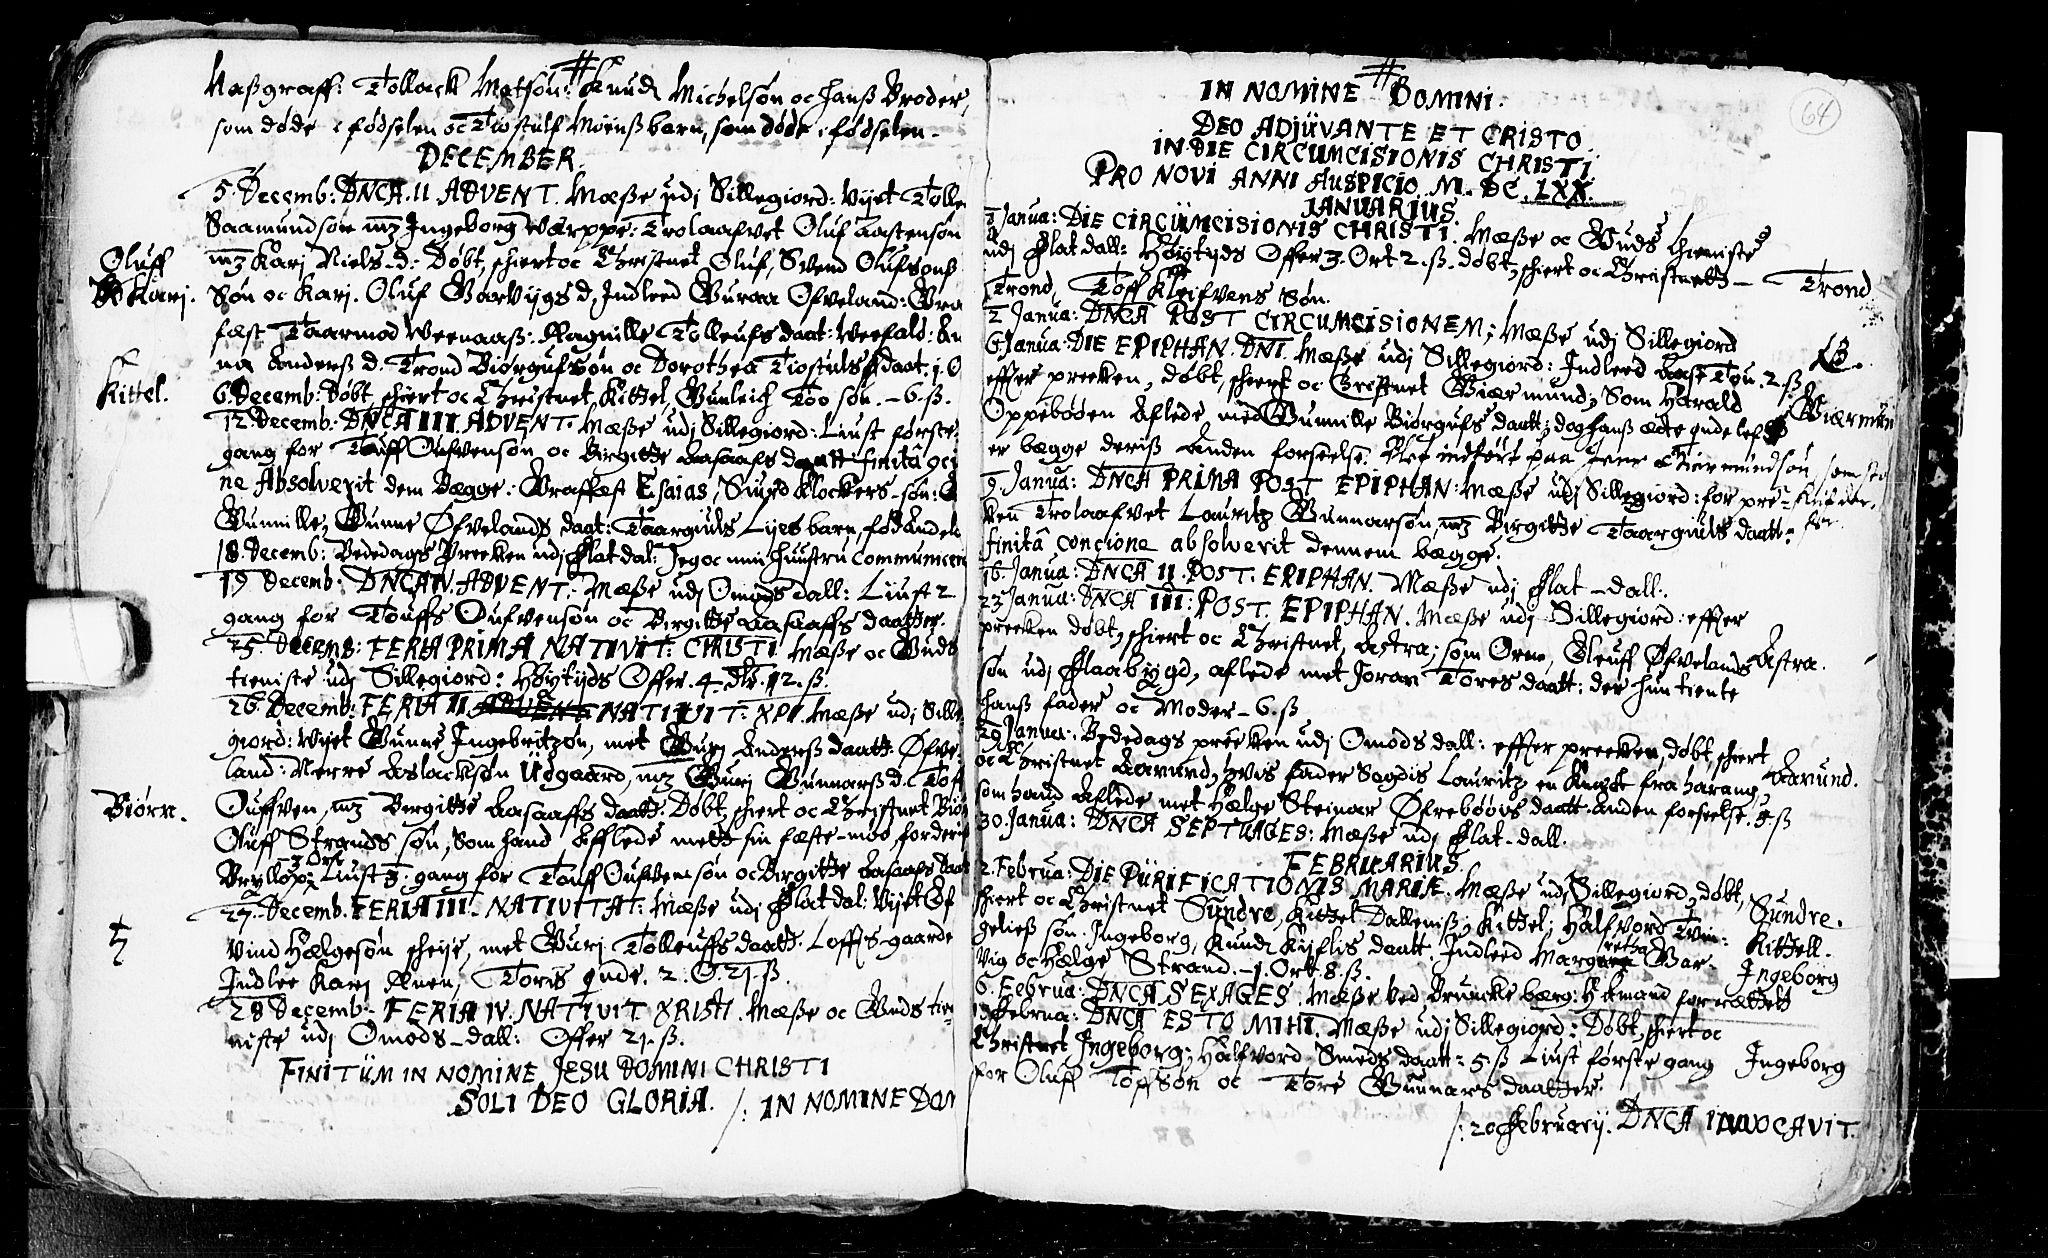 SAKO, Seljord kirkebøker, F/Fa/L0001: Ministerialbok nr. I 1, 1654-1686, s. 64